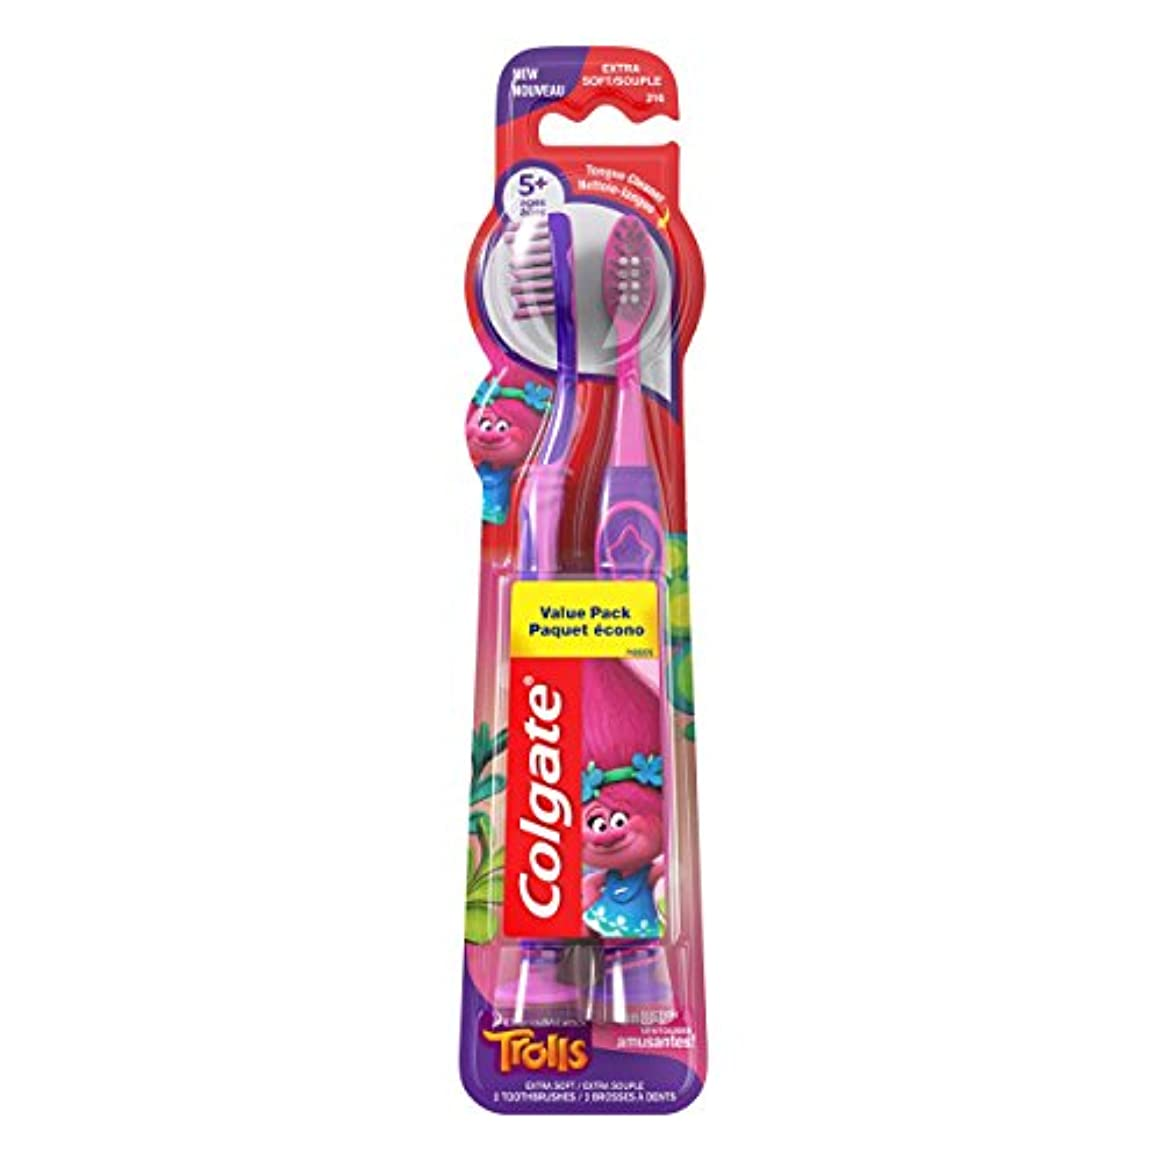 閃光メガロポリス学校の先生Colgate キッズ歯ブラシ、トロルバリューパック、エクストラソフト、2カウント